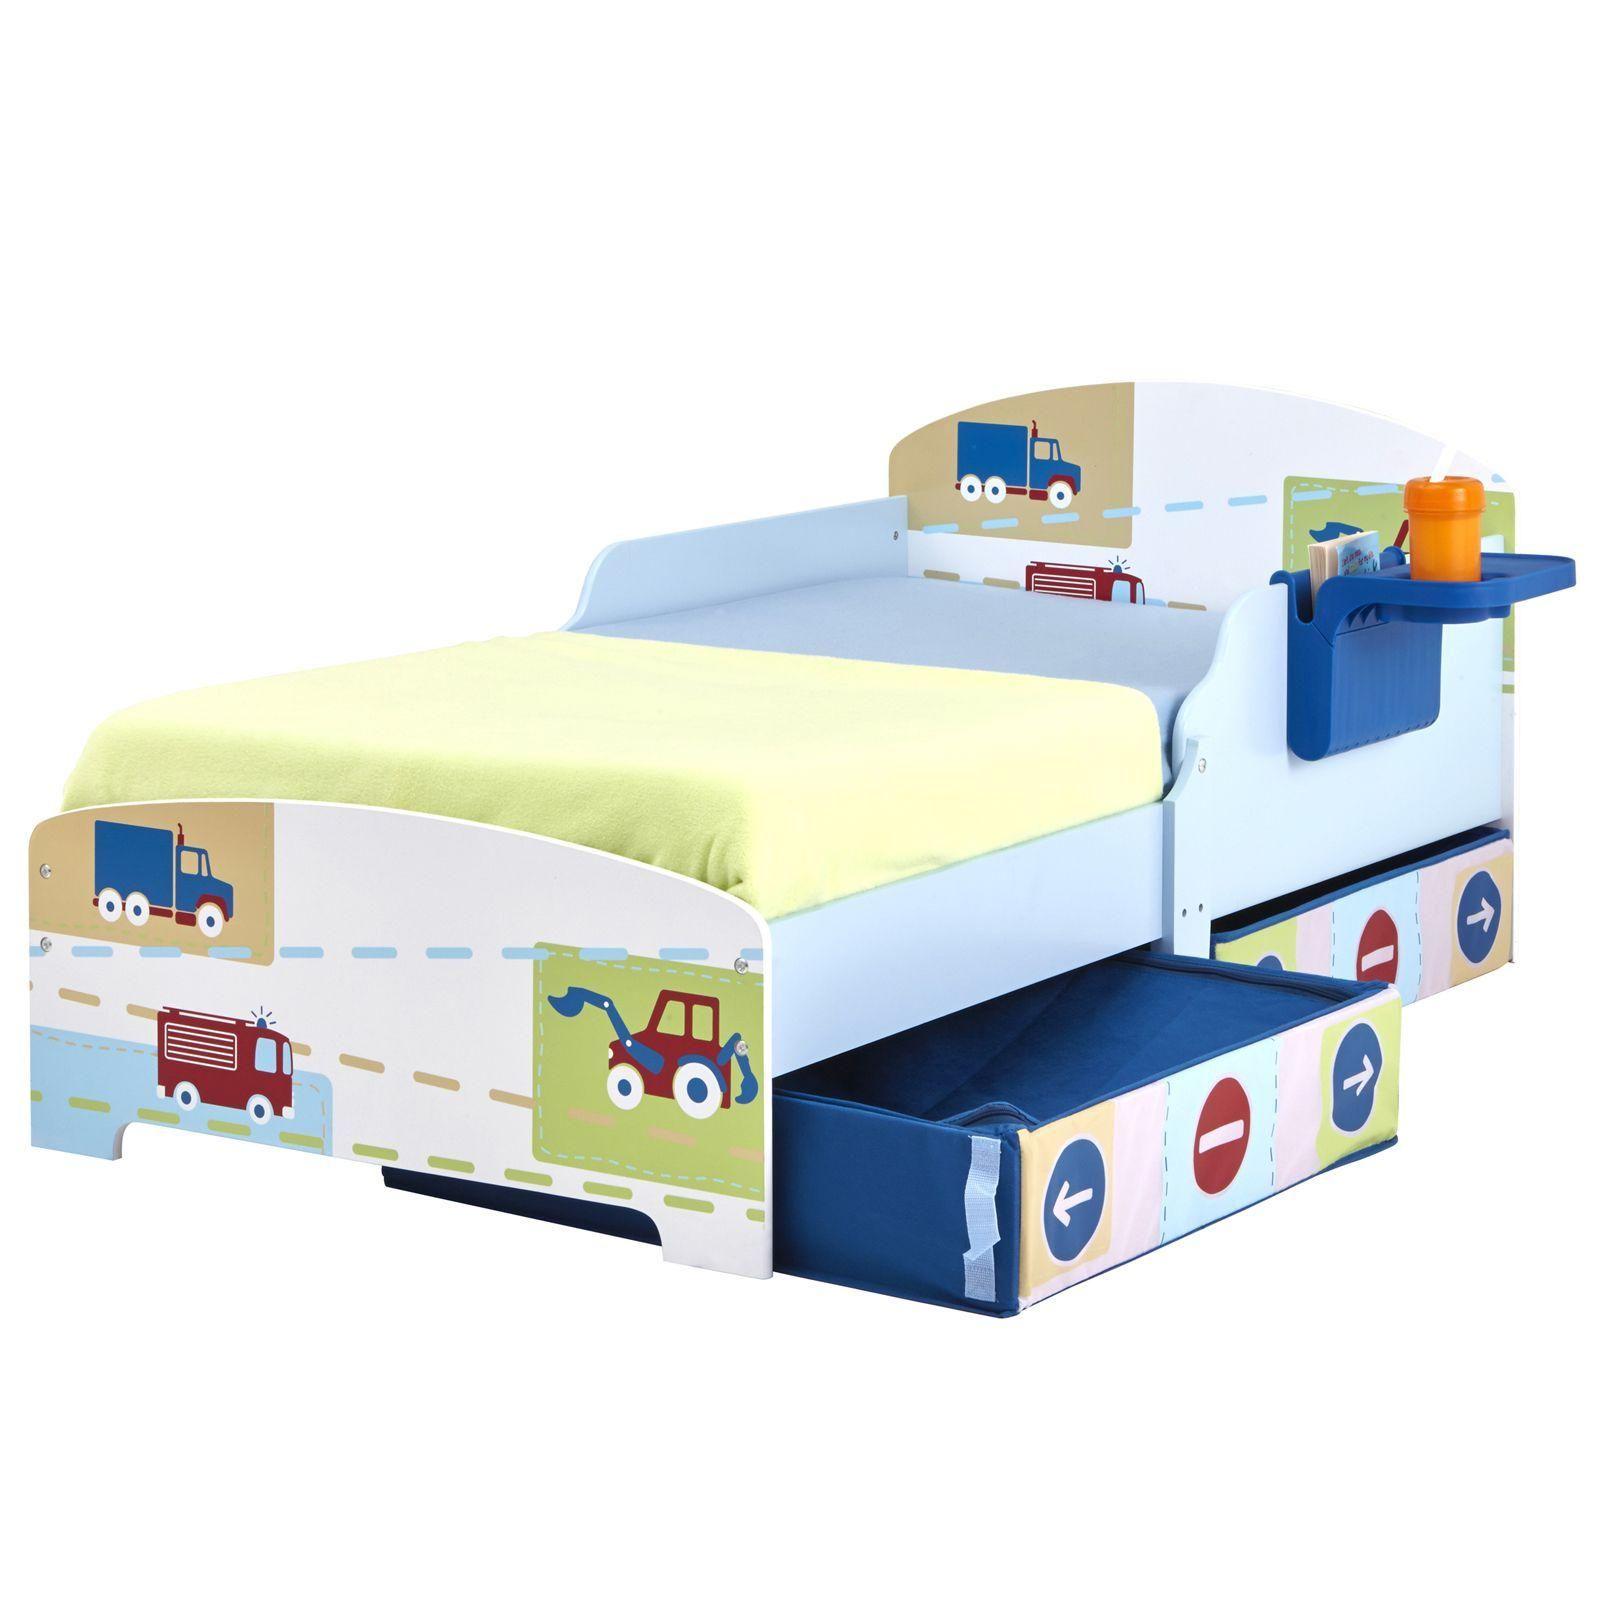 beschreibung lieferung r ckgaberecht ber uns. Black Bedroom Furniture Sets. Home Design Ideas